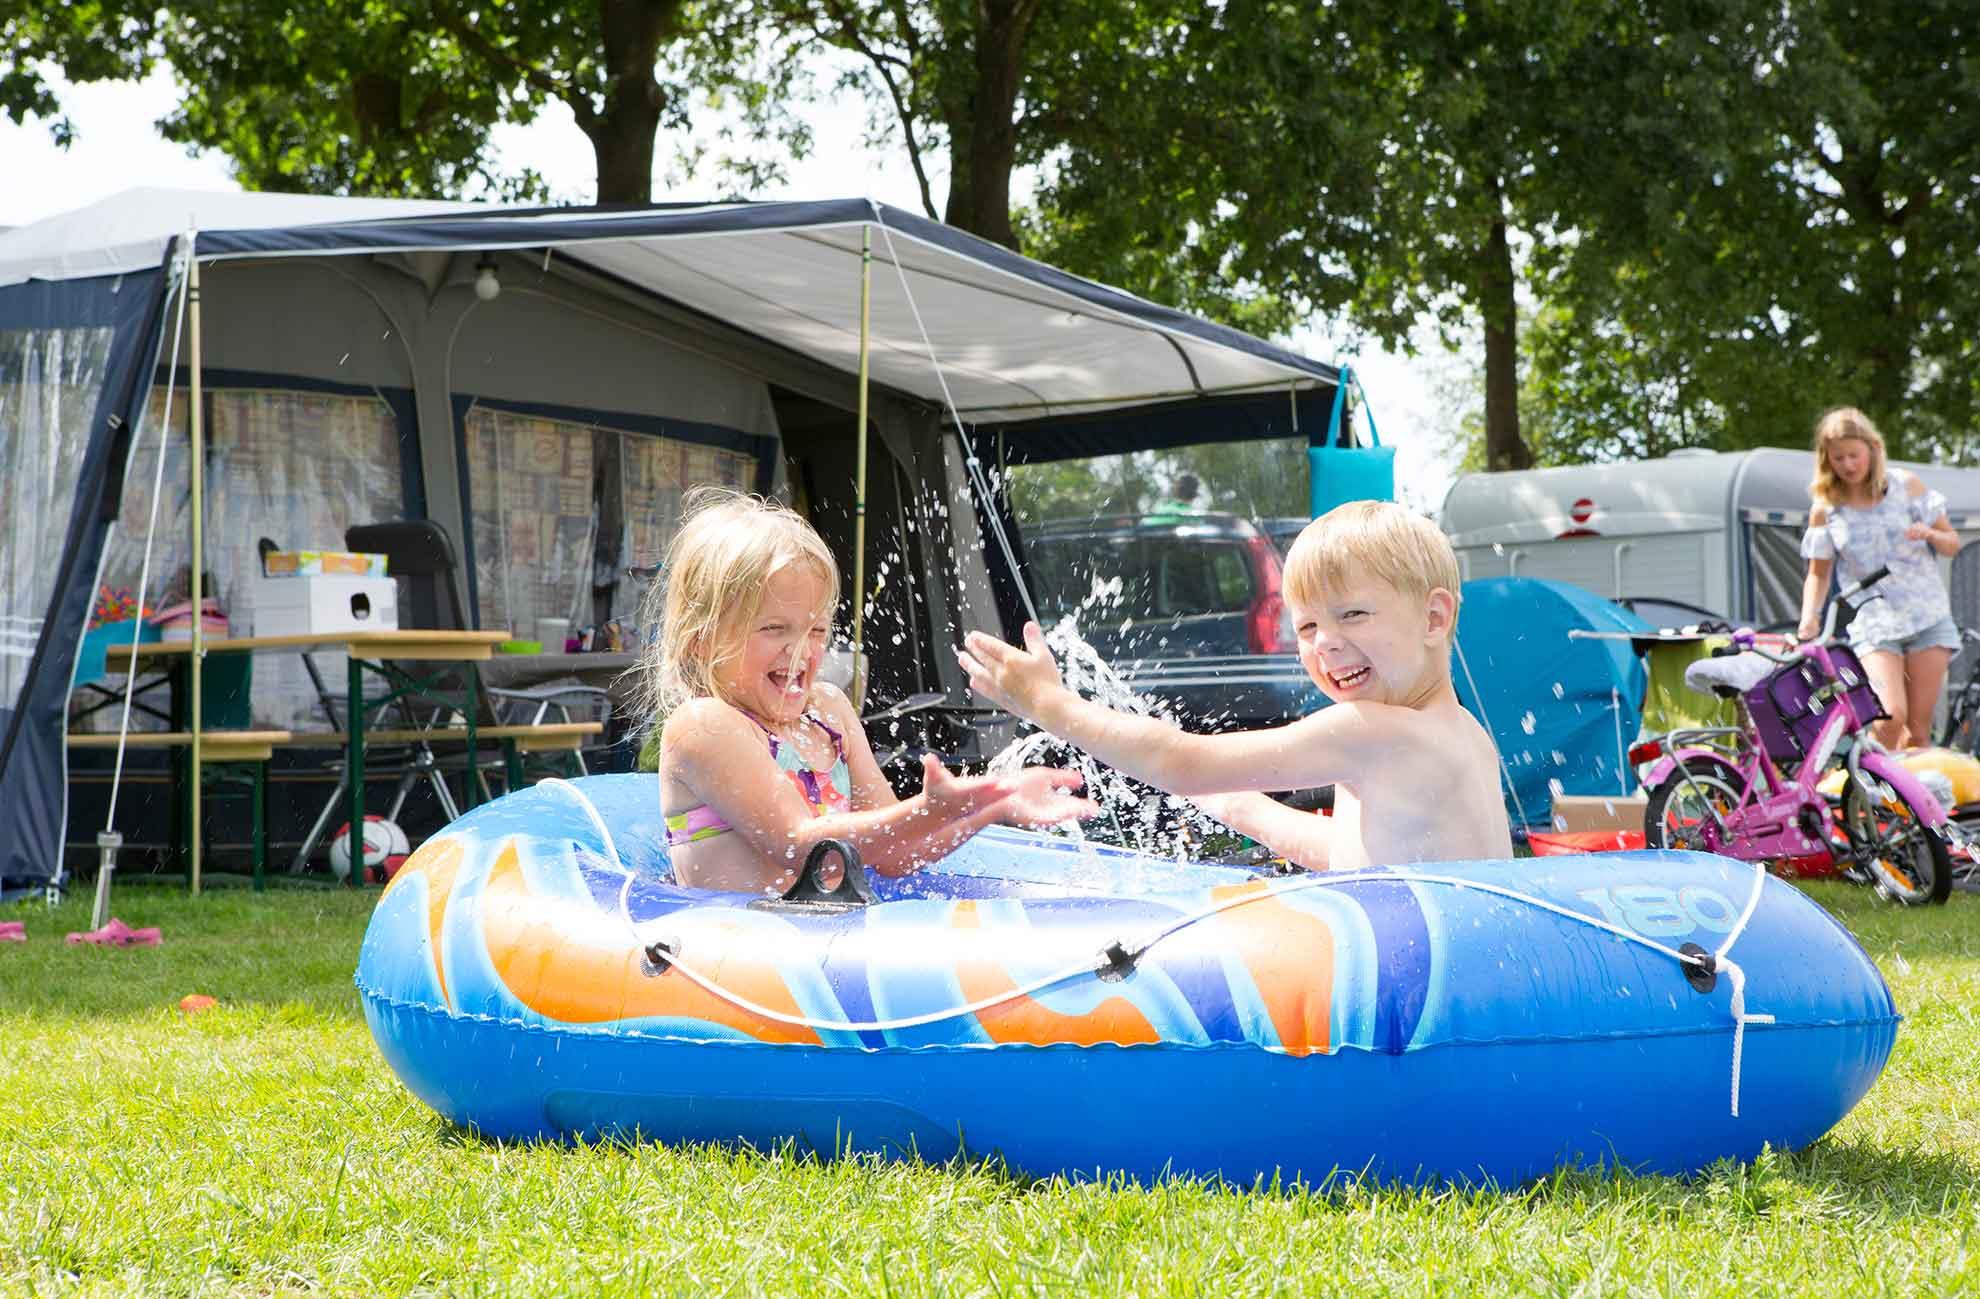 Mooie en ruime kindercamping in het Vechtdal Overijssel! - Leukste kindercamping Vechtdal Overijssel